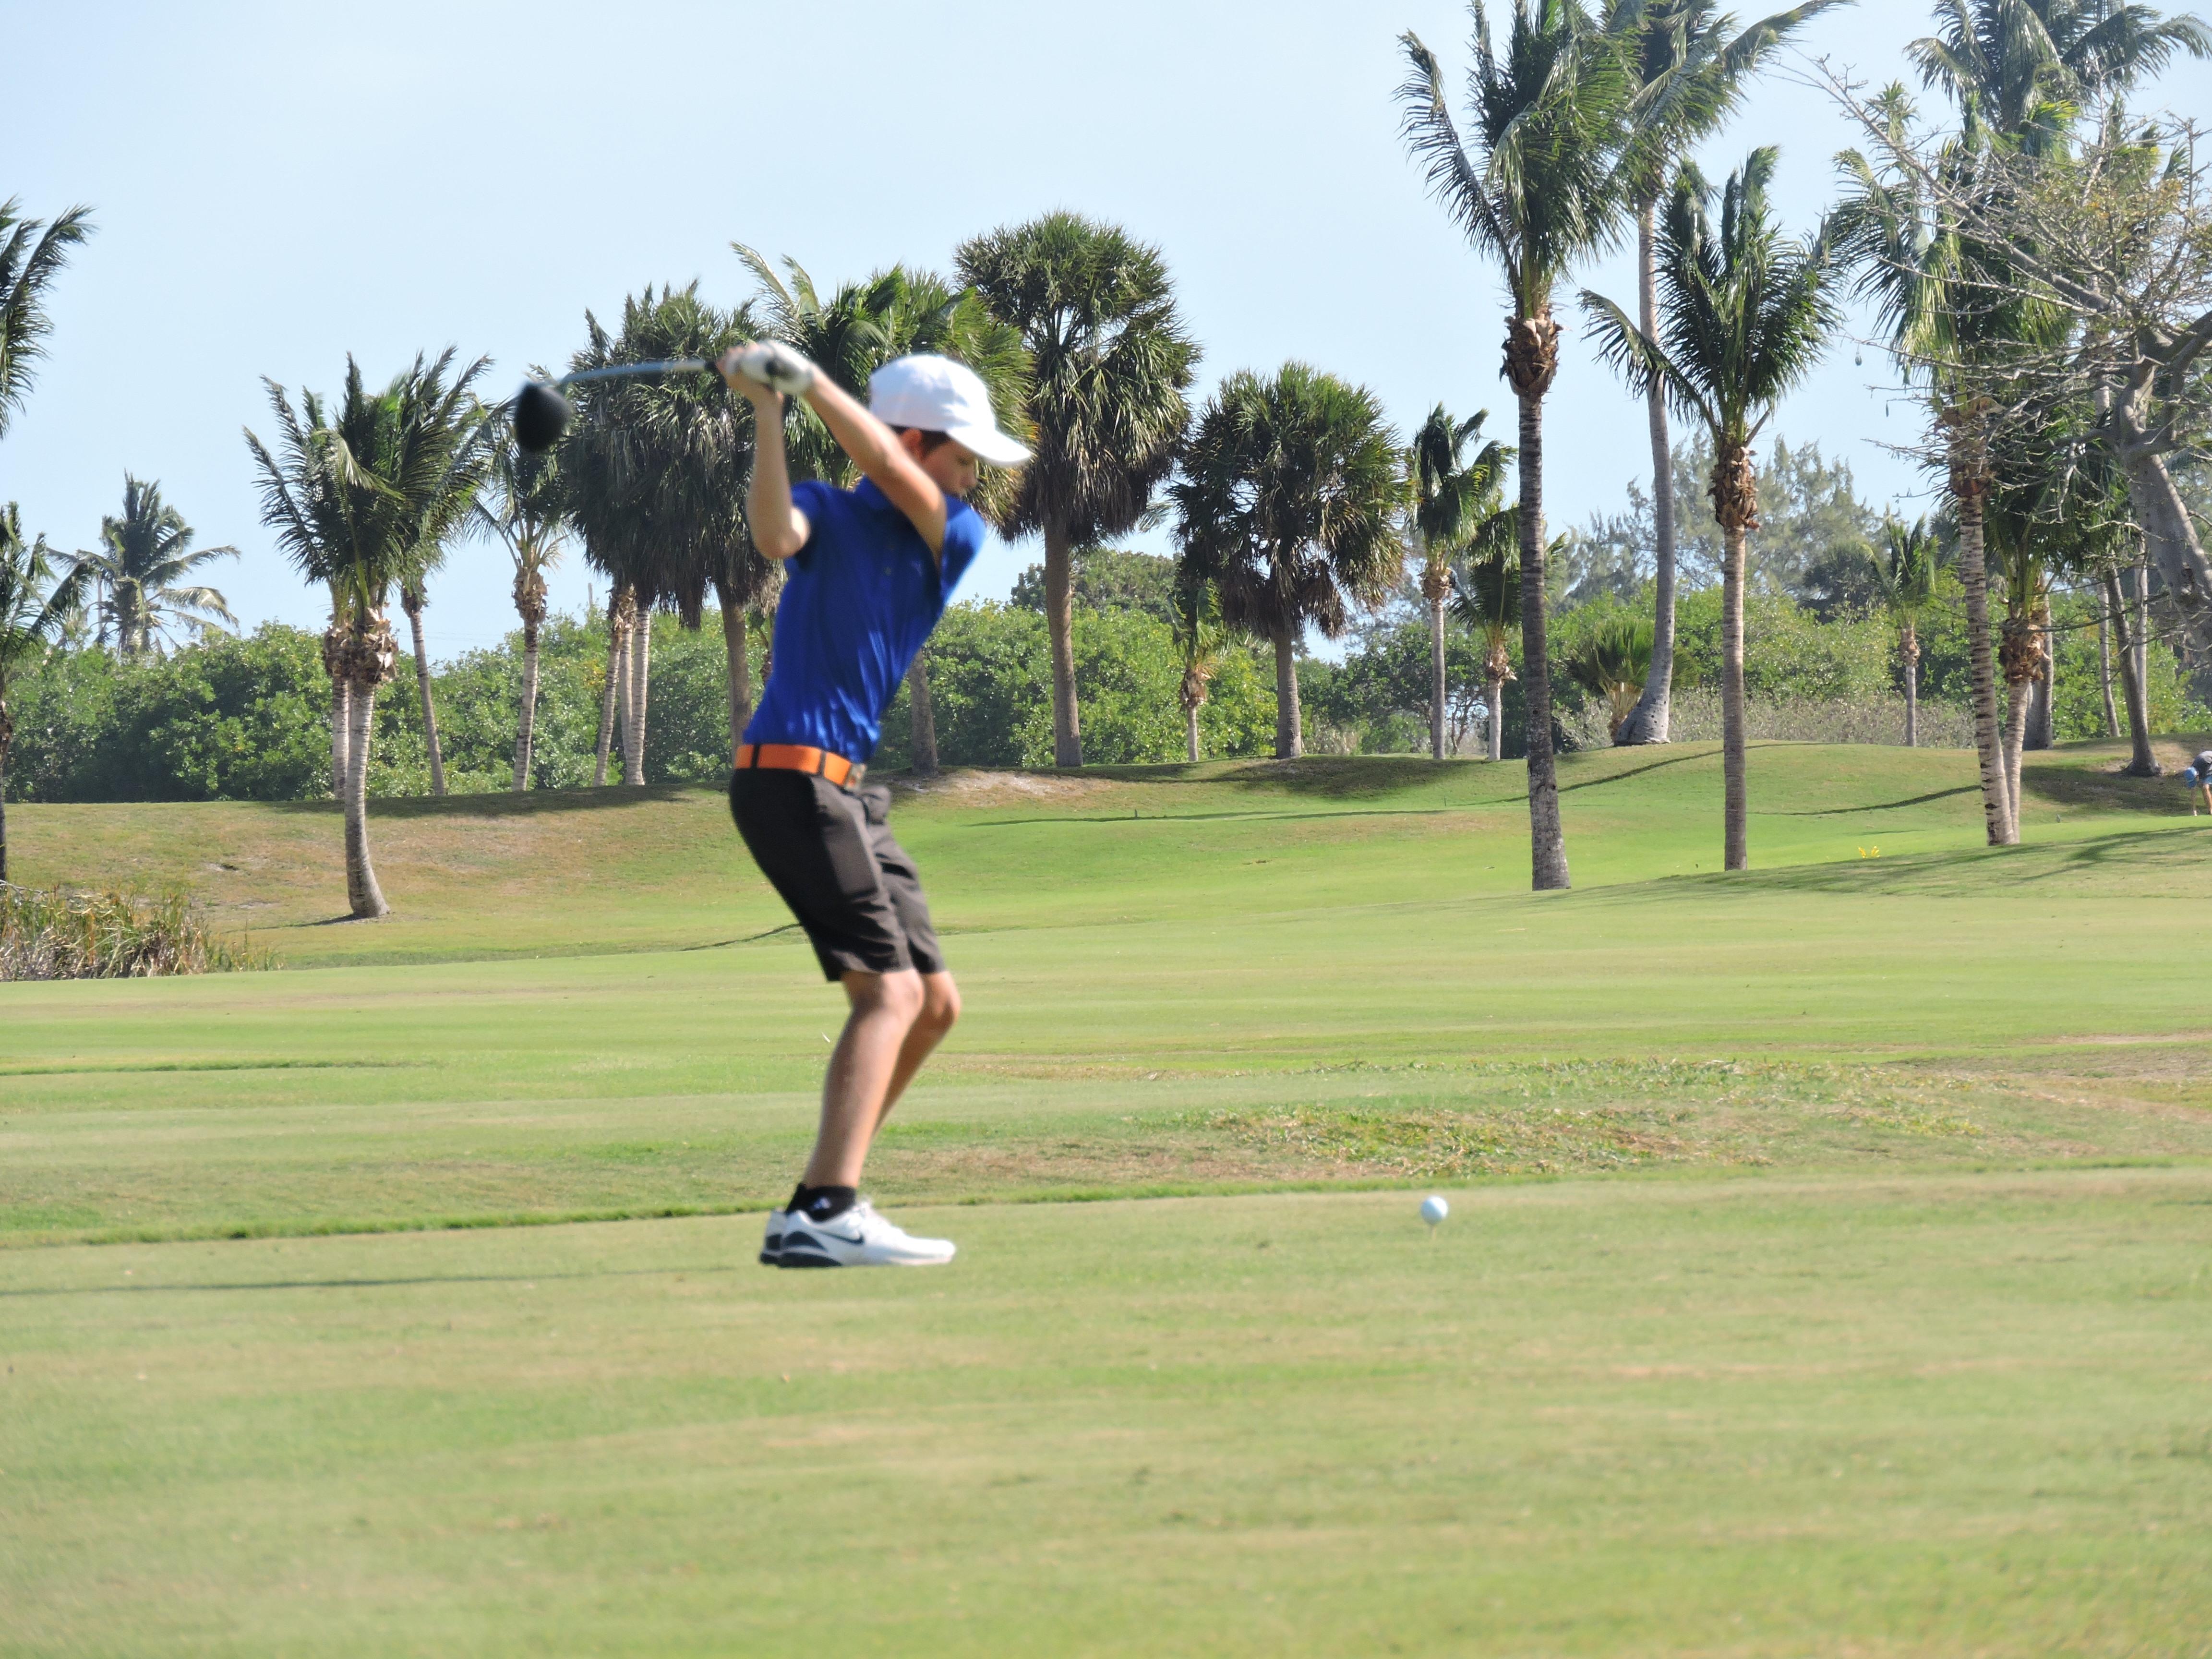 Todd Purton - 4th hole